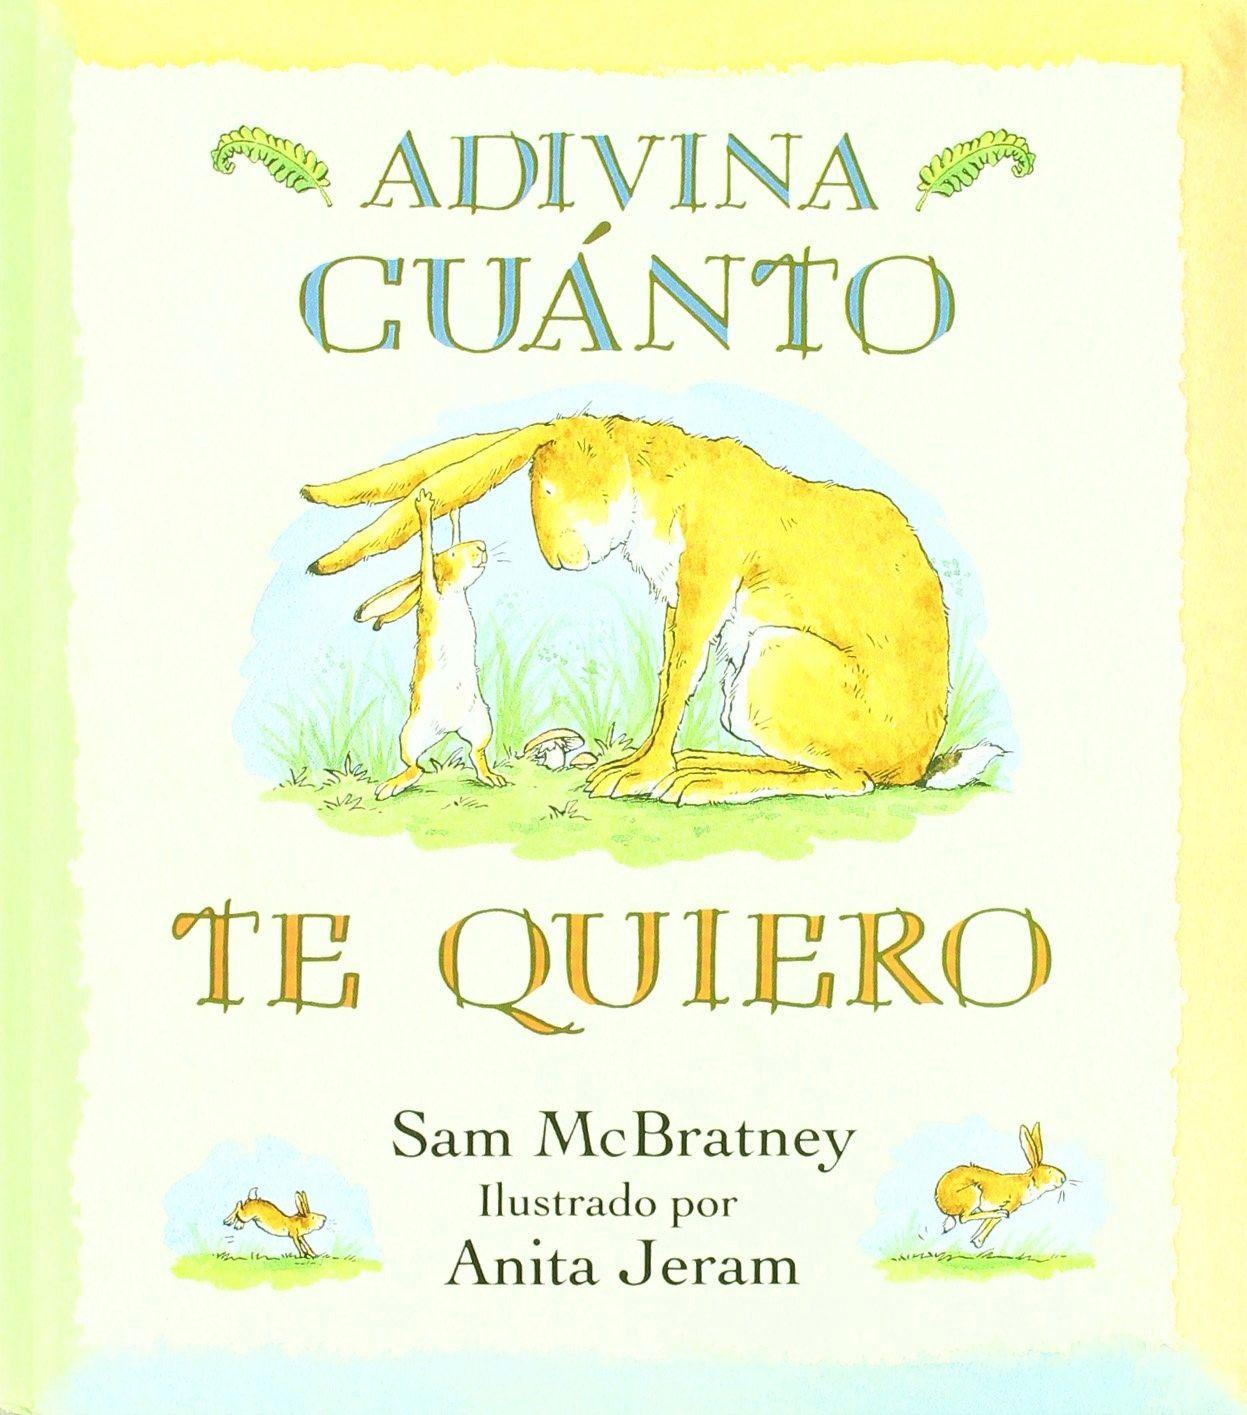 Sam Mcbratney Anita Jeram Adivina Cuanto Te Quiero Editorial Kókinos 3 A 6 Años Está En Cuentos Para Niños Gratis Libros Para Niños Libros Para Bebés